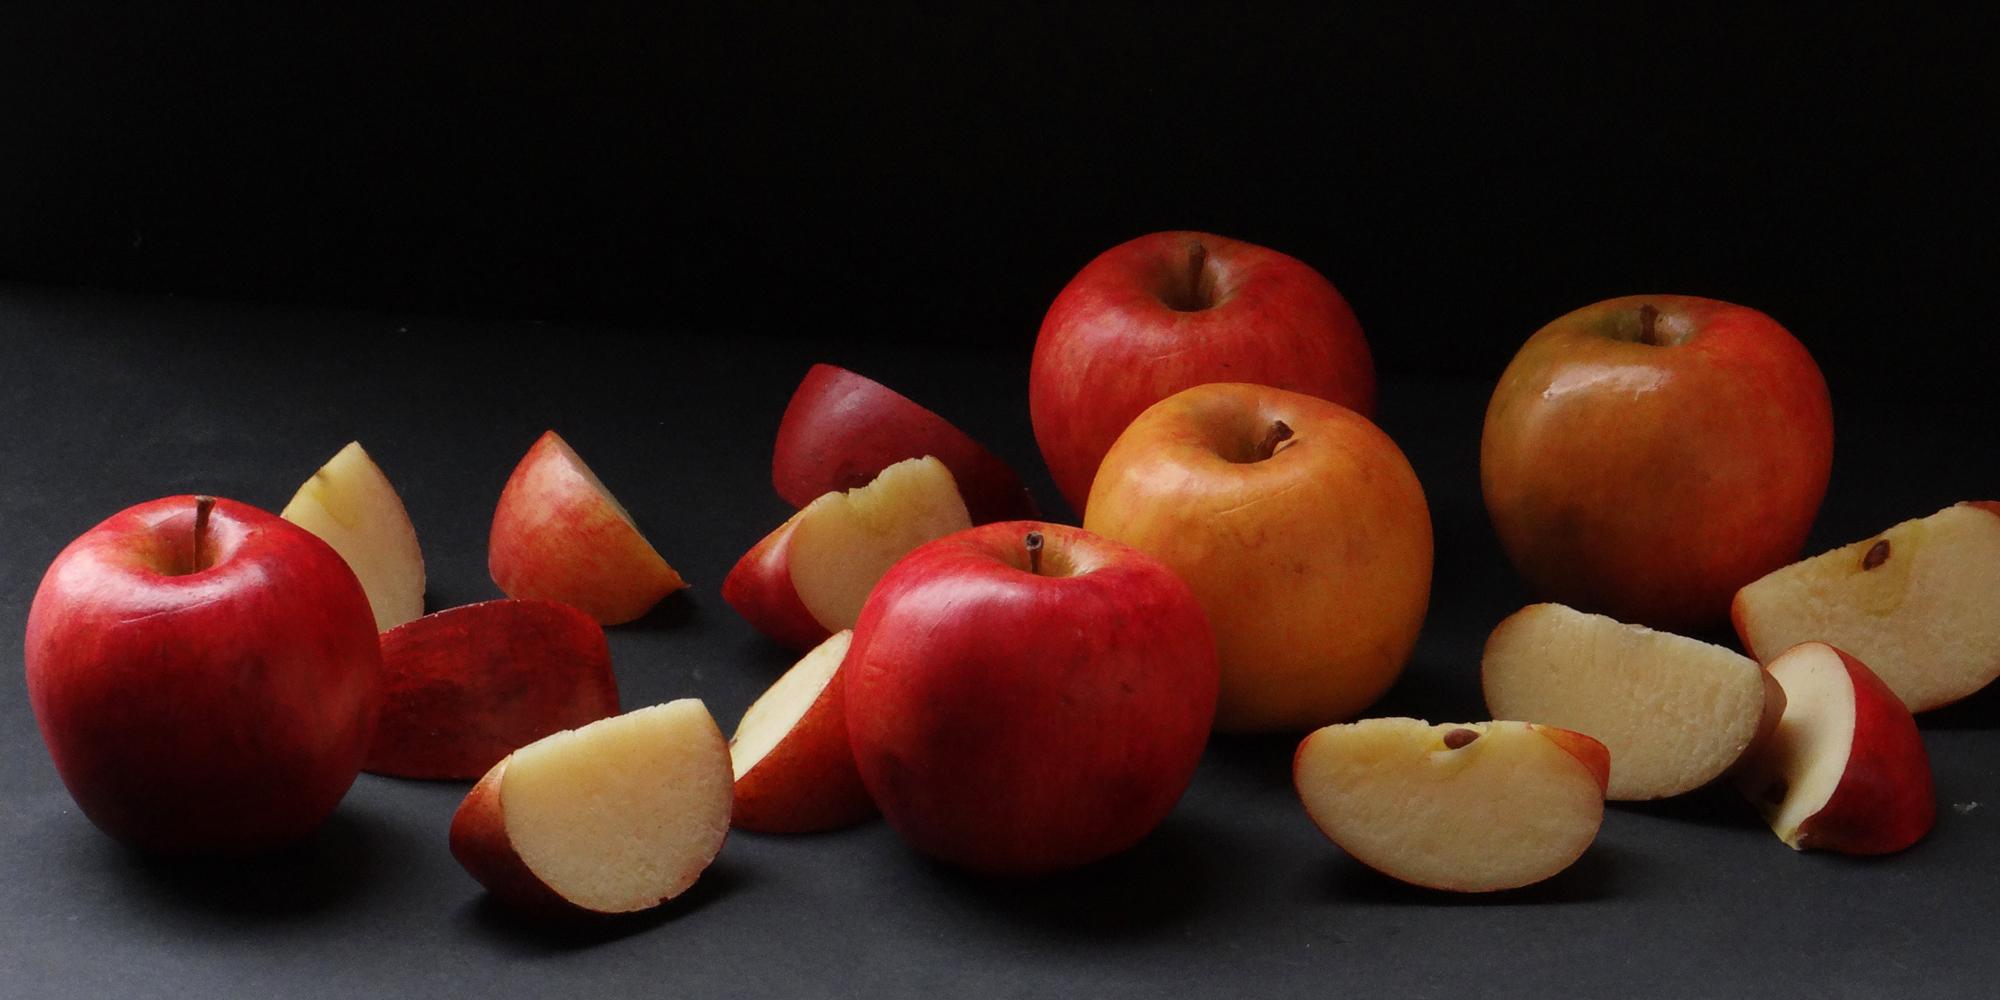 Pommes en factice alimentaire ultra réaliste avec effet trompe l'oeil réalisés sur-mesure par l'Atelier Cobalt Fx